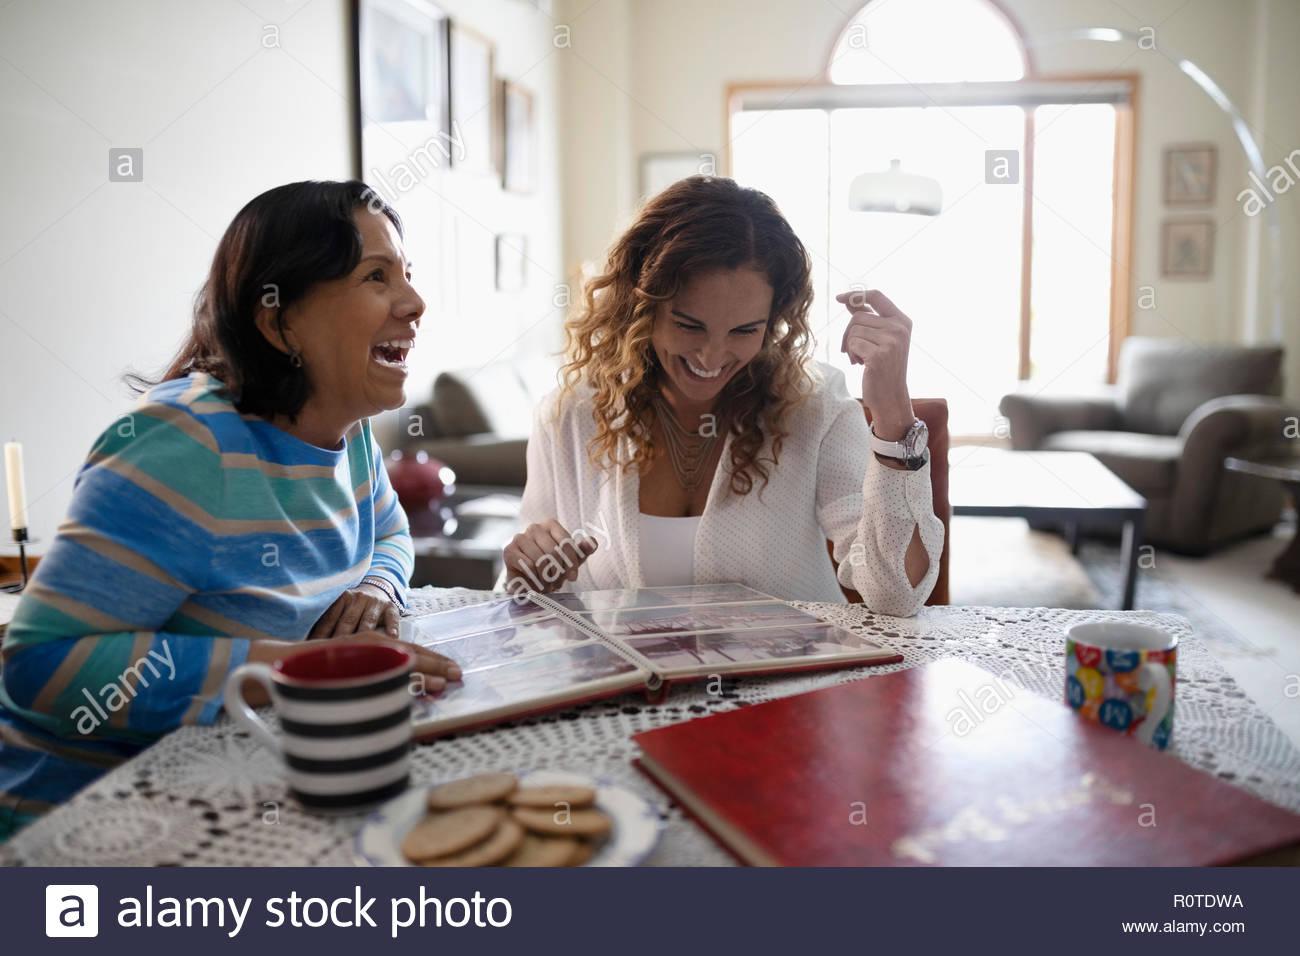 Feliz Latinx hija y madre senior mirando el álbum de fotos Imagen De Stock